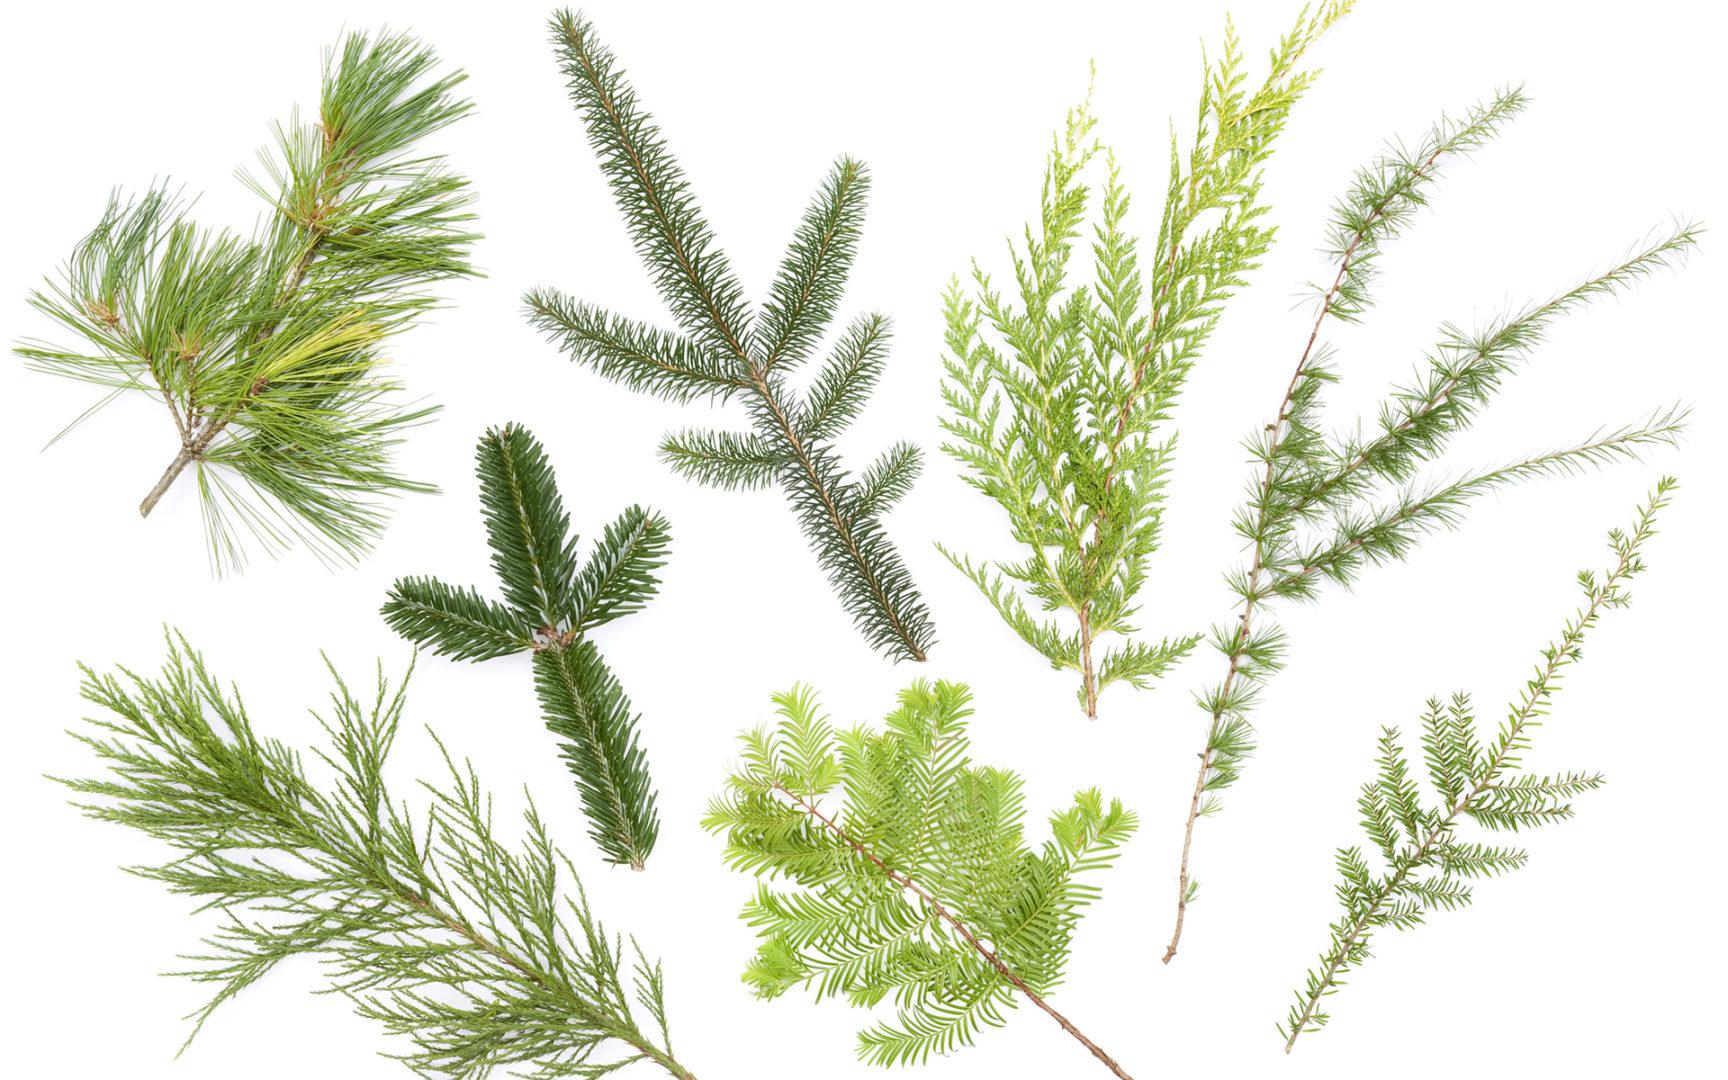 Metsänvartijan toimista erikoisten puulajien kirjo sai alkunsa jo 1930-luvulla.